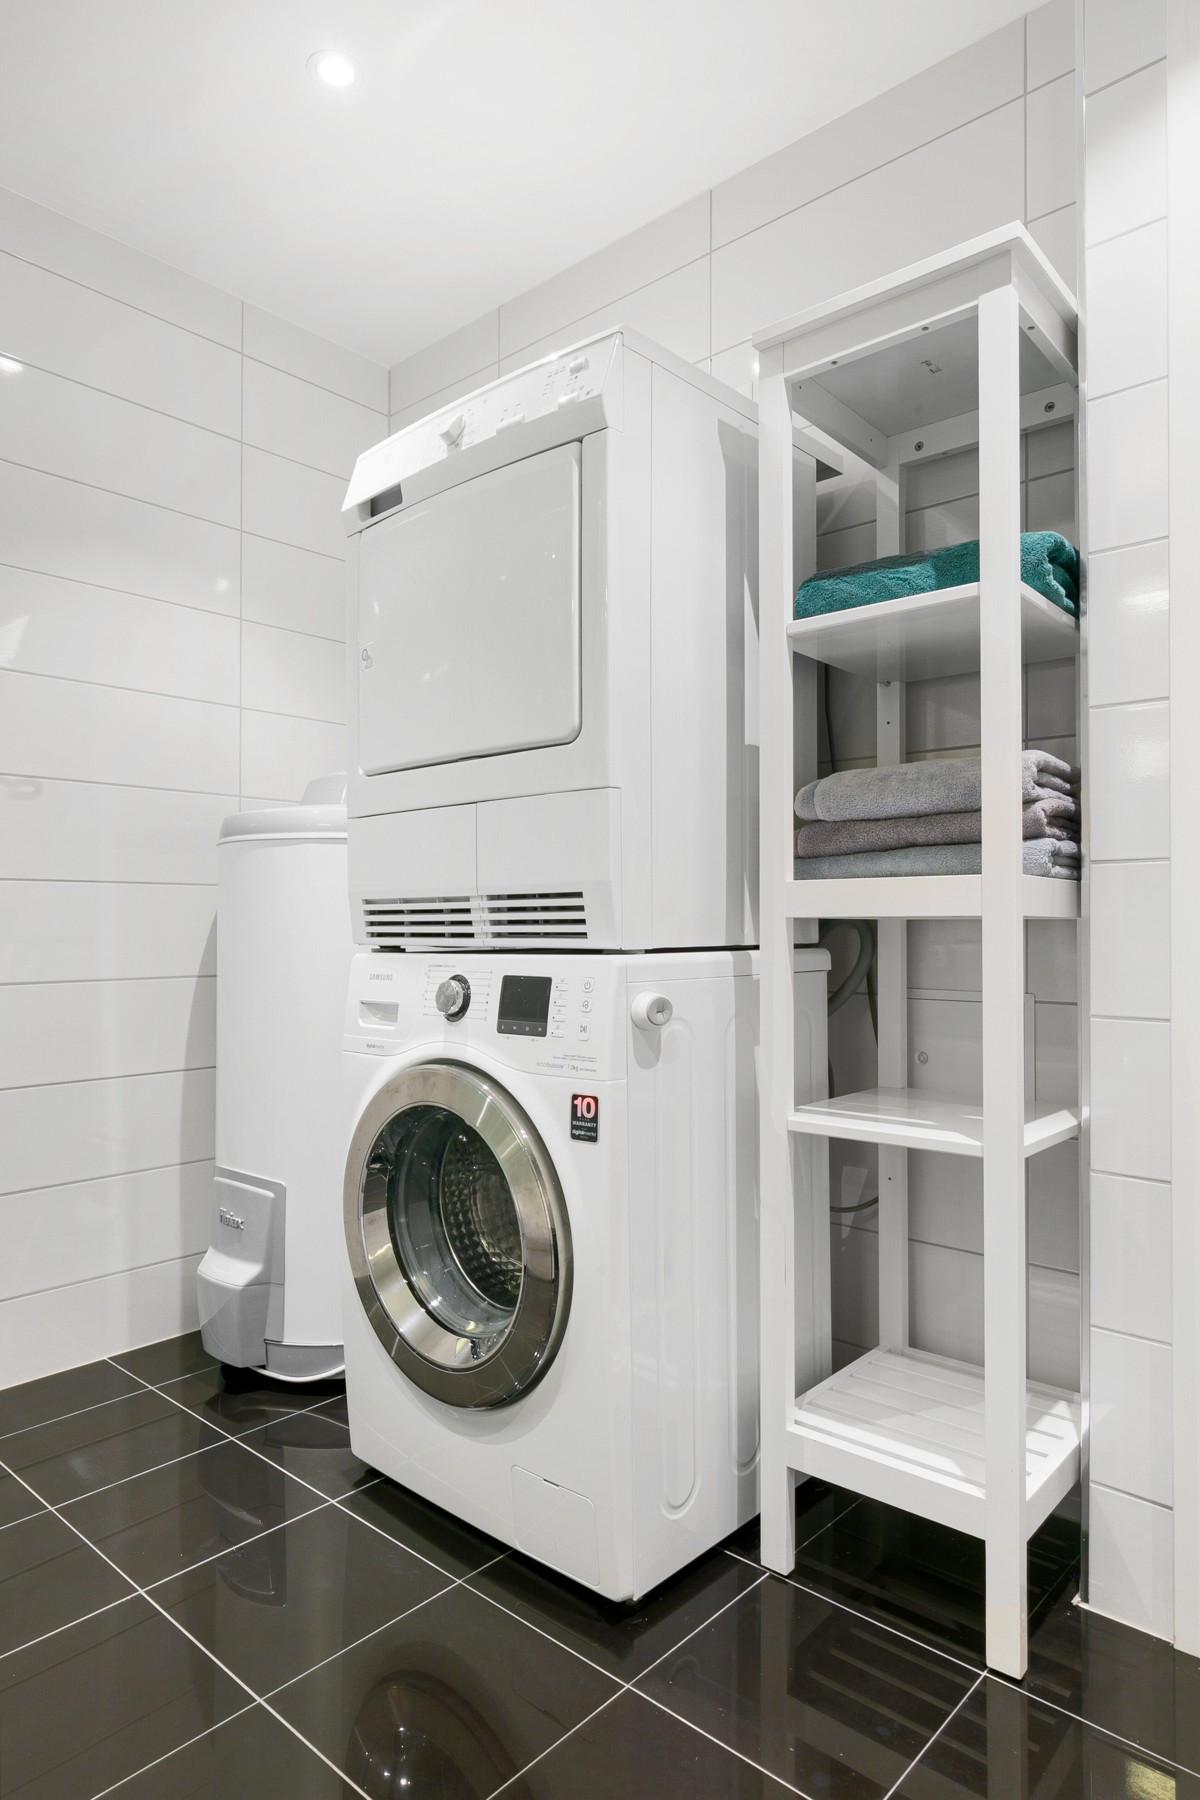 Opplegg for vaskemaskin og plass hylleløsning for oppbevaring